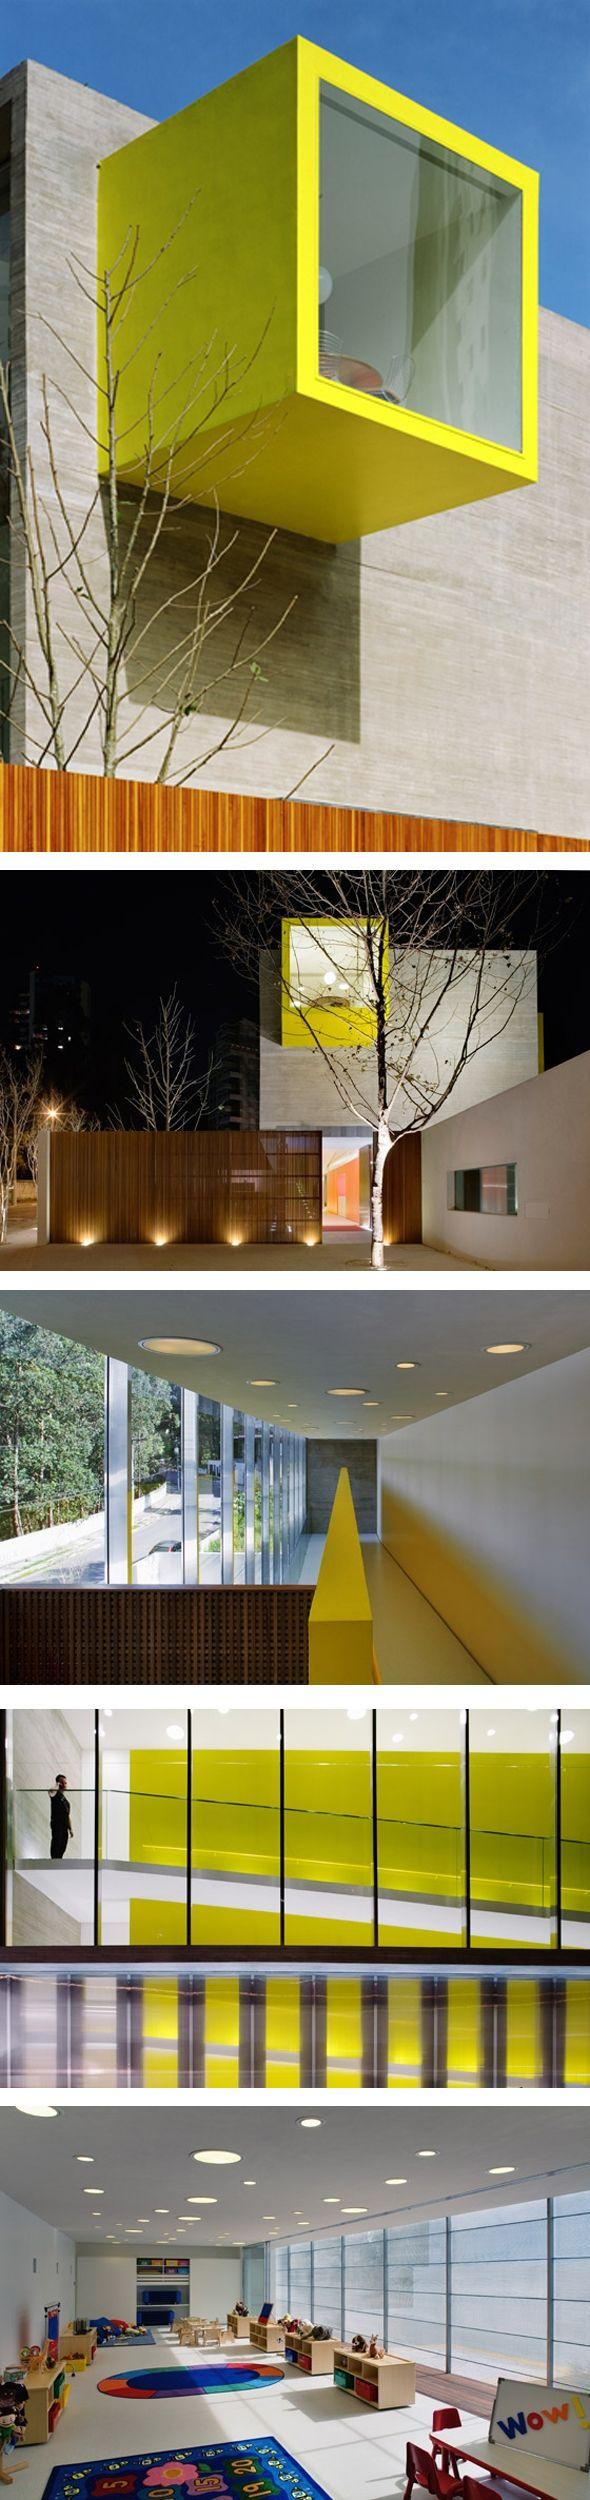 Ecole maternelle par studio mk27.